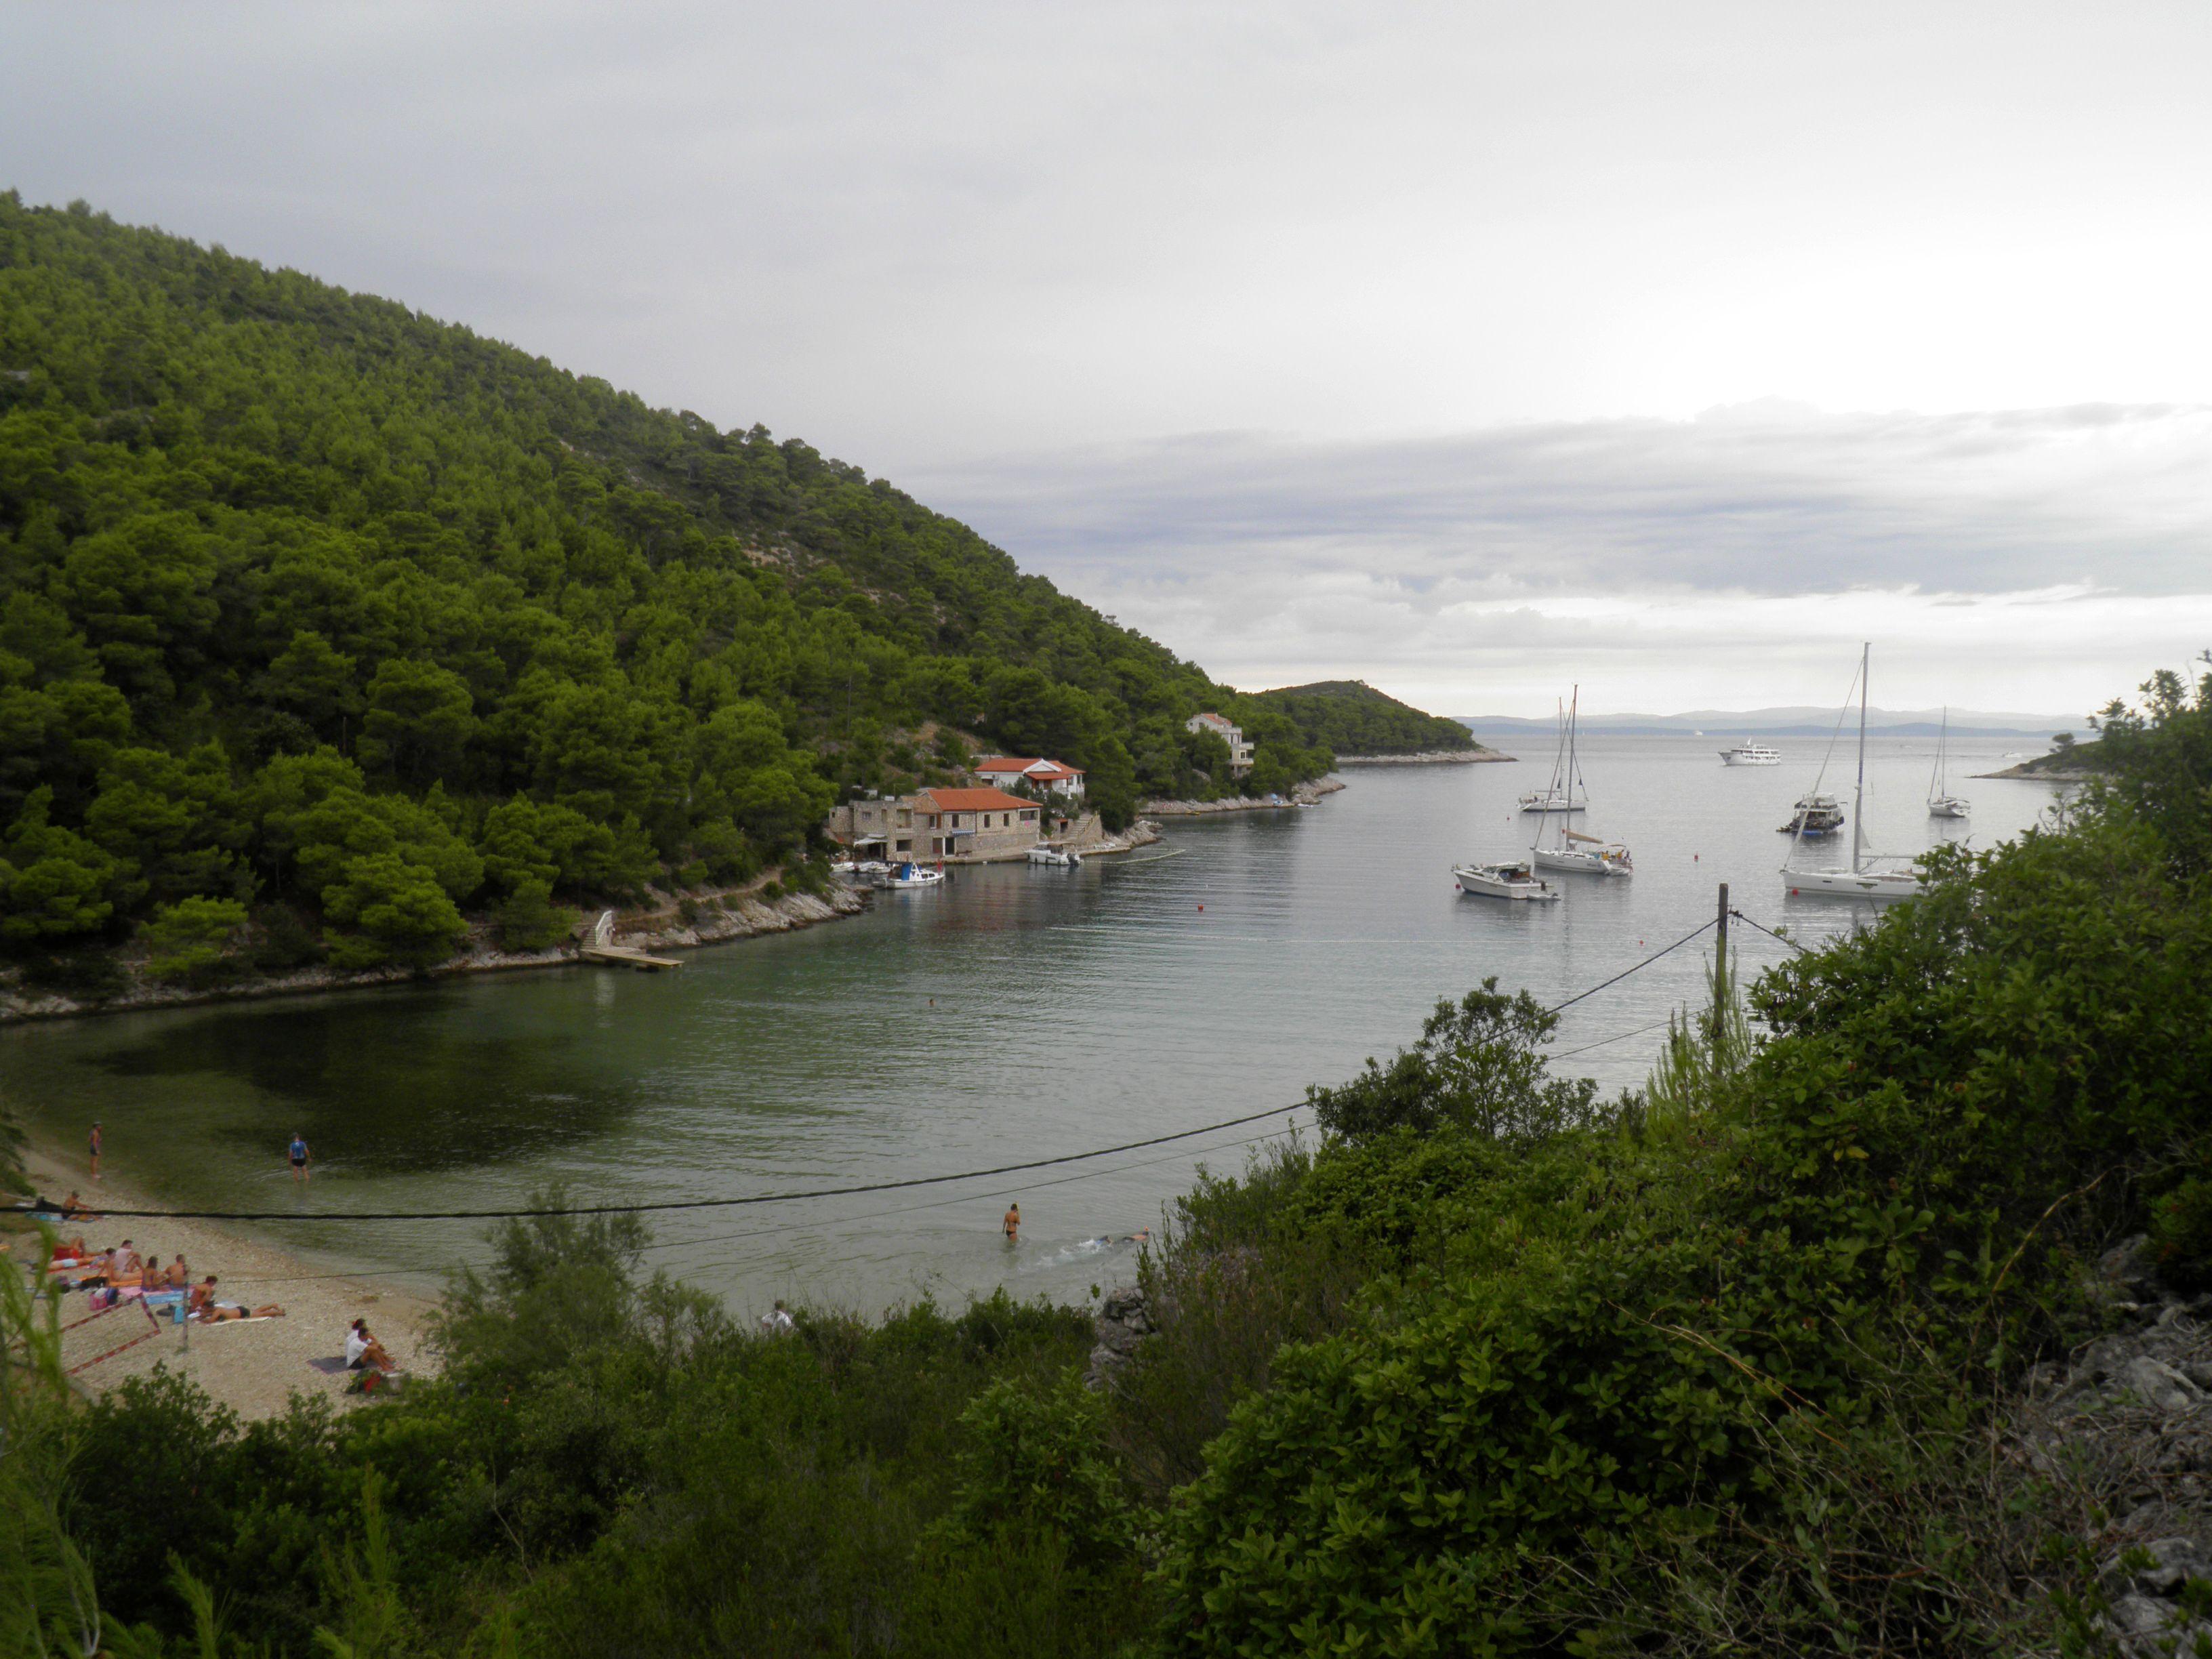 Noleggio Barche Stoncica – Isola di Vis - Navalia | Noleggia un Sogno